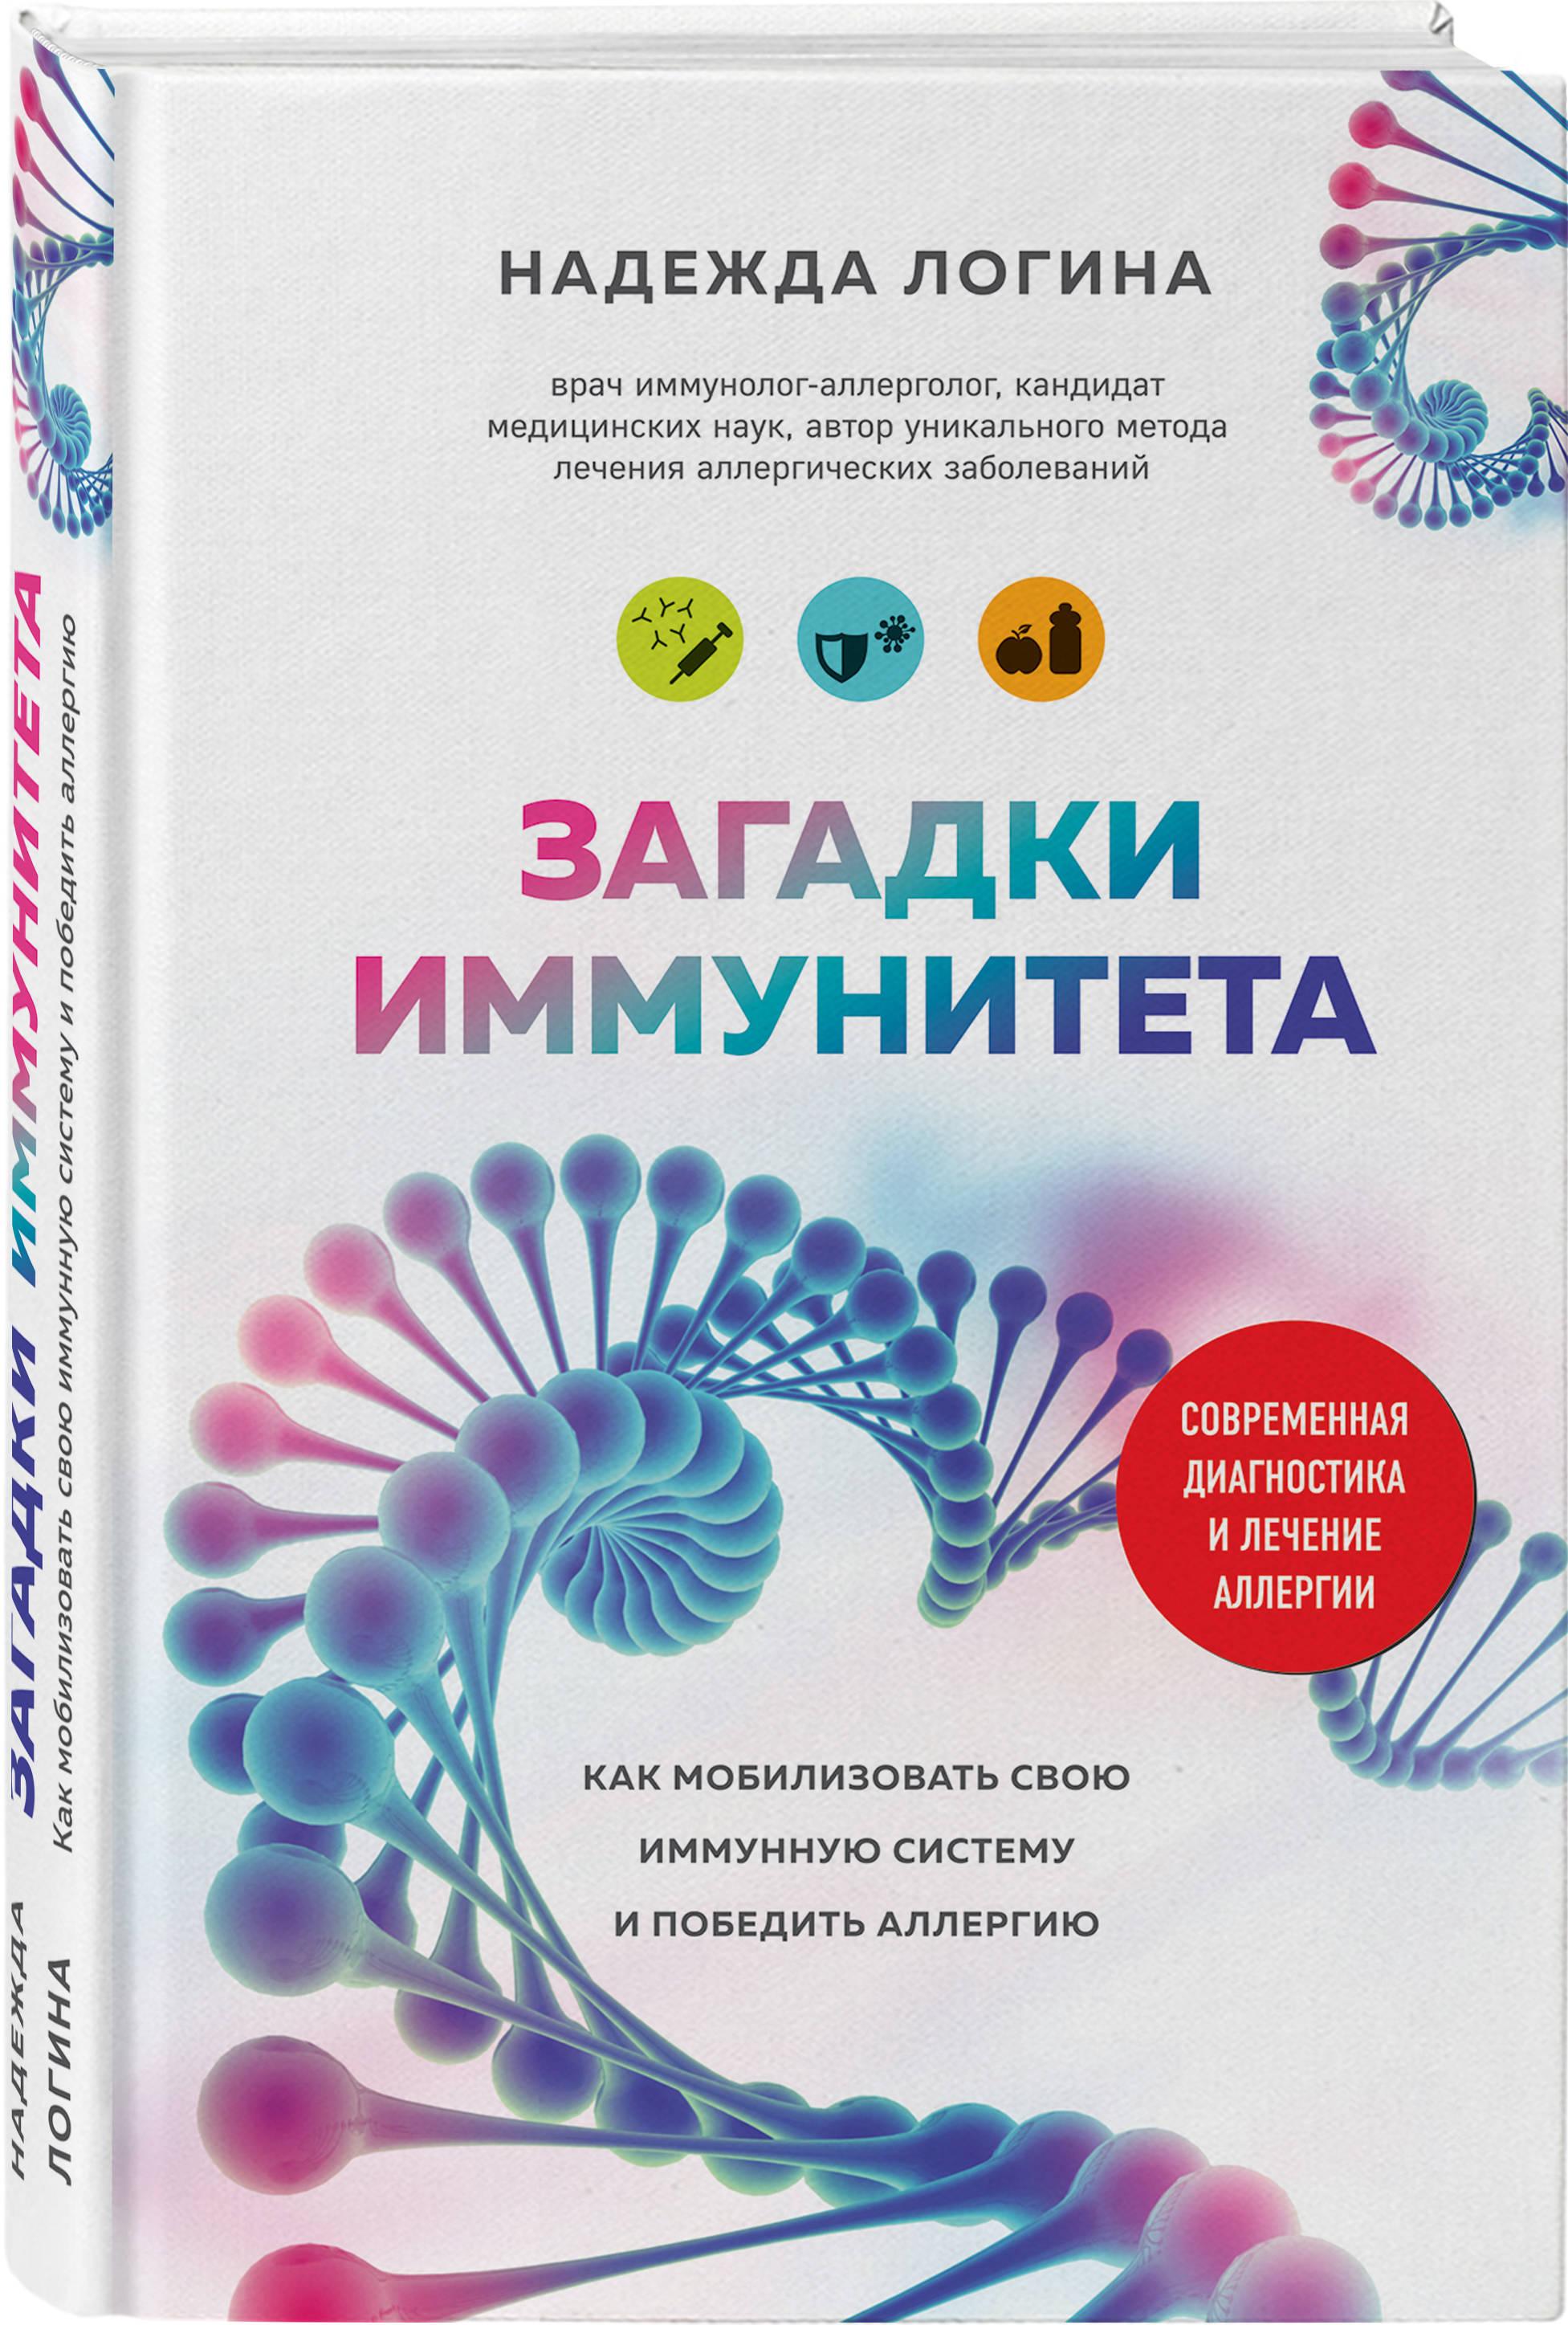 Загадки иммунитета. Как мобилизовать свою иммунную защиту и победить аллергию ( Логина Надежда Юрьевна  )